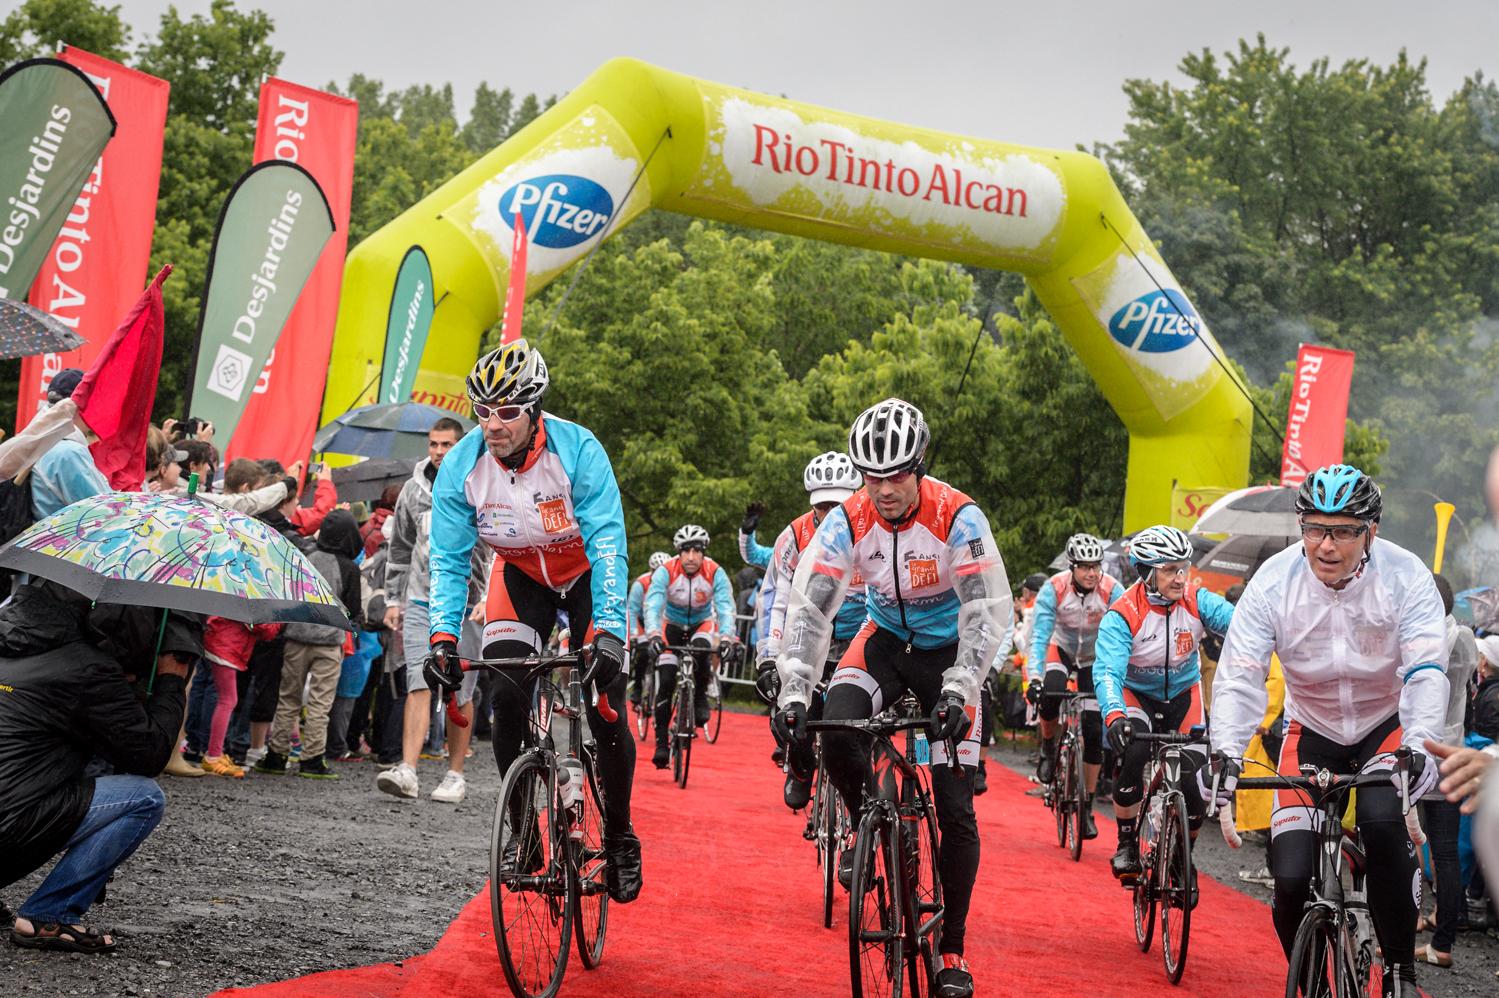 L'arrivée des cyclistes se poursuit.